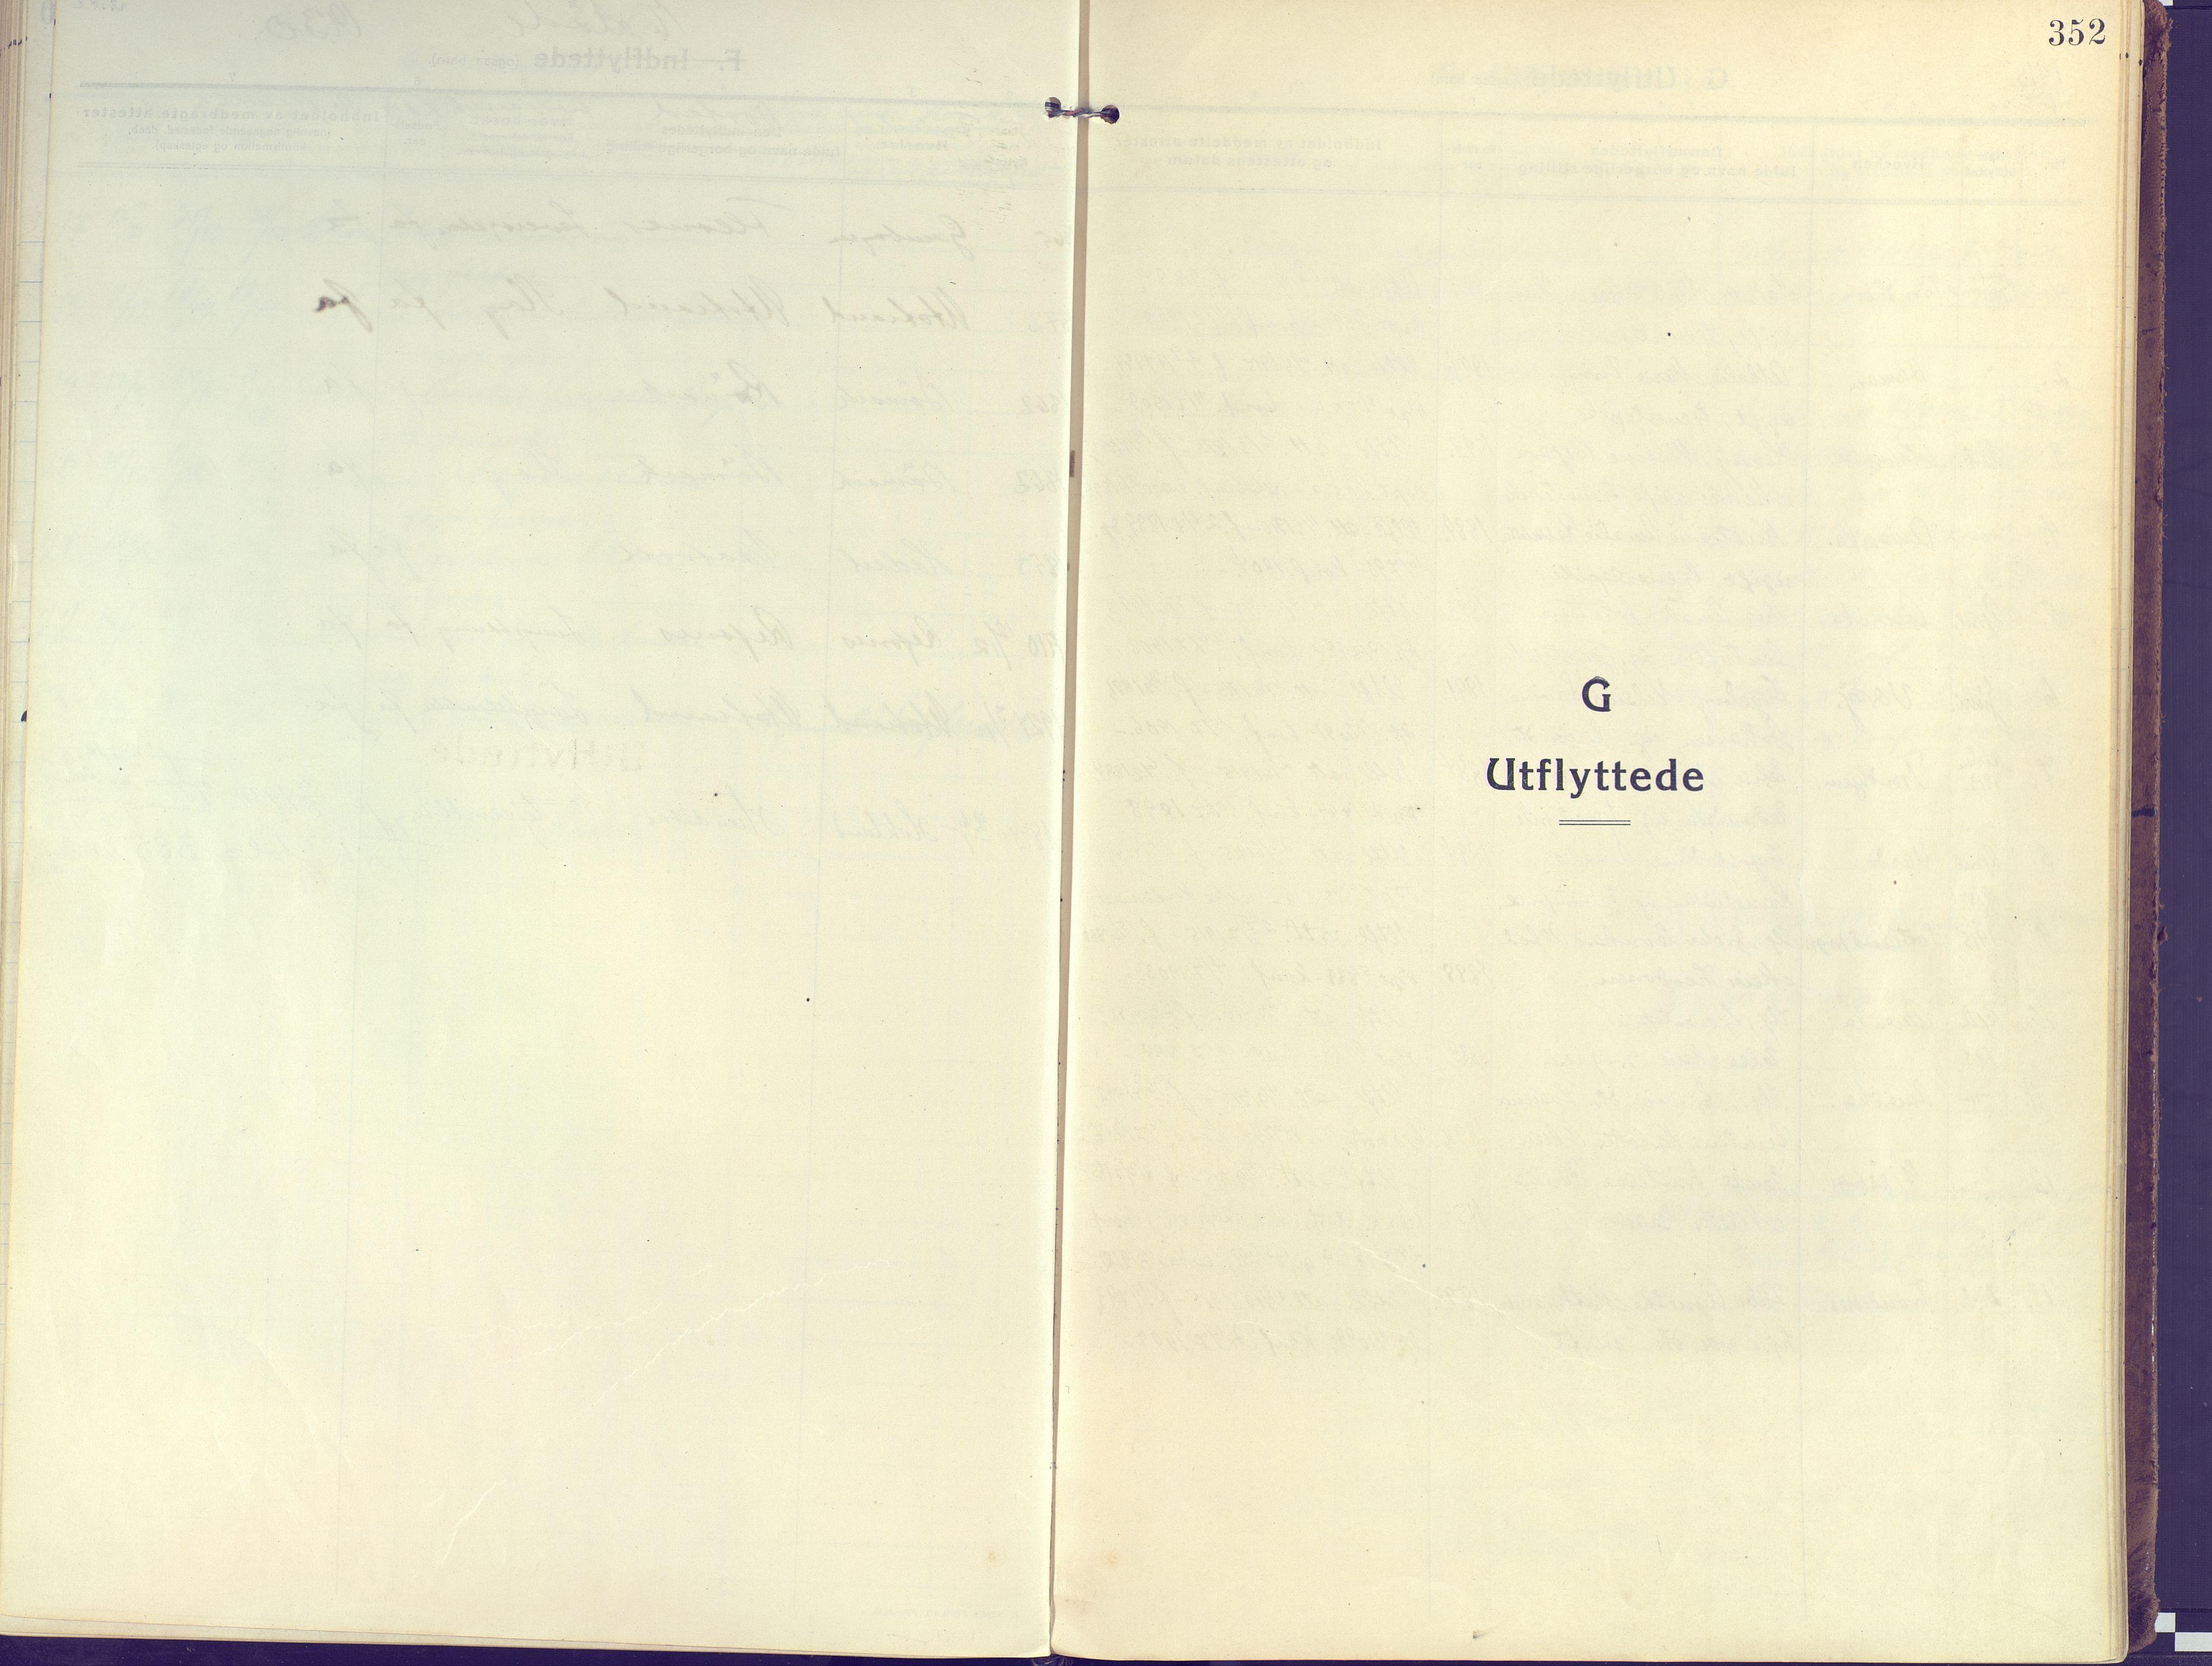 SATØ, Kvæfjord sokneprestkontor, G/Ga/Gaa/L0007kirke: Parish register (official) no. 7, 1915-1931, p. 352